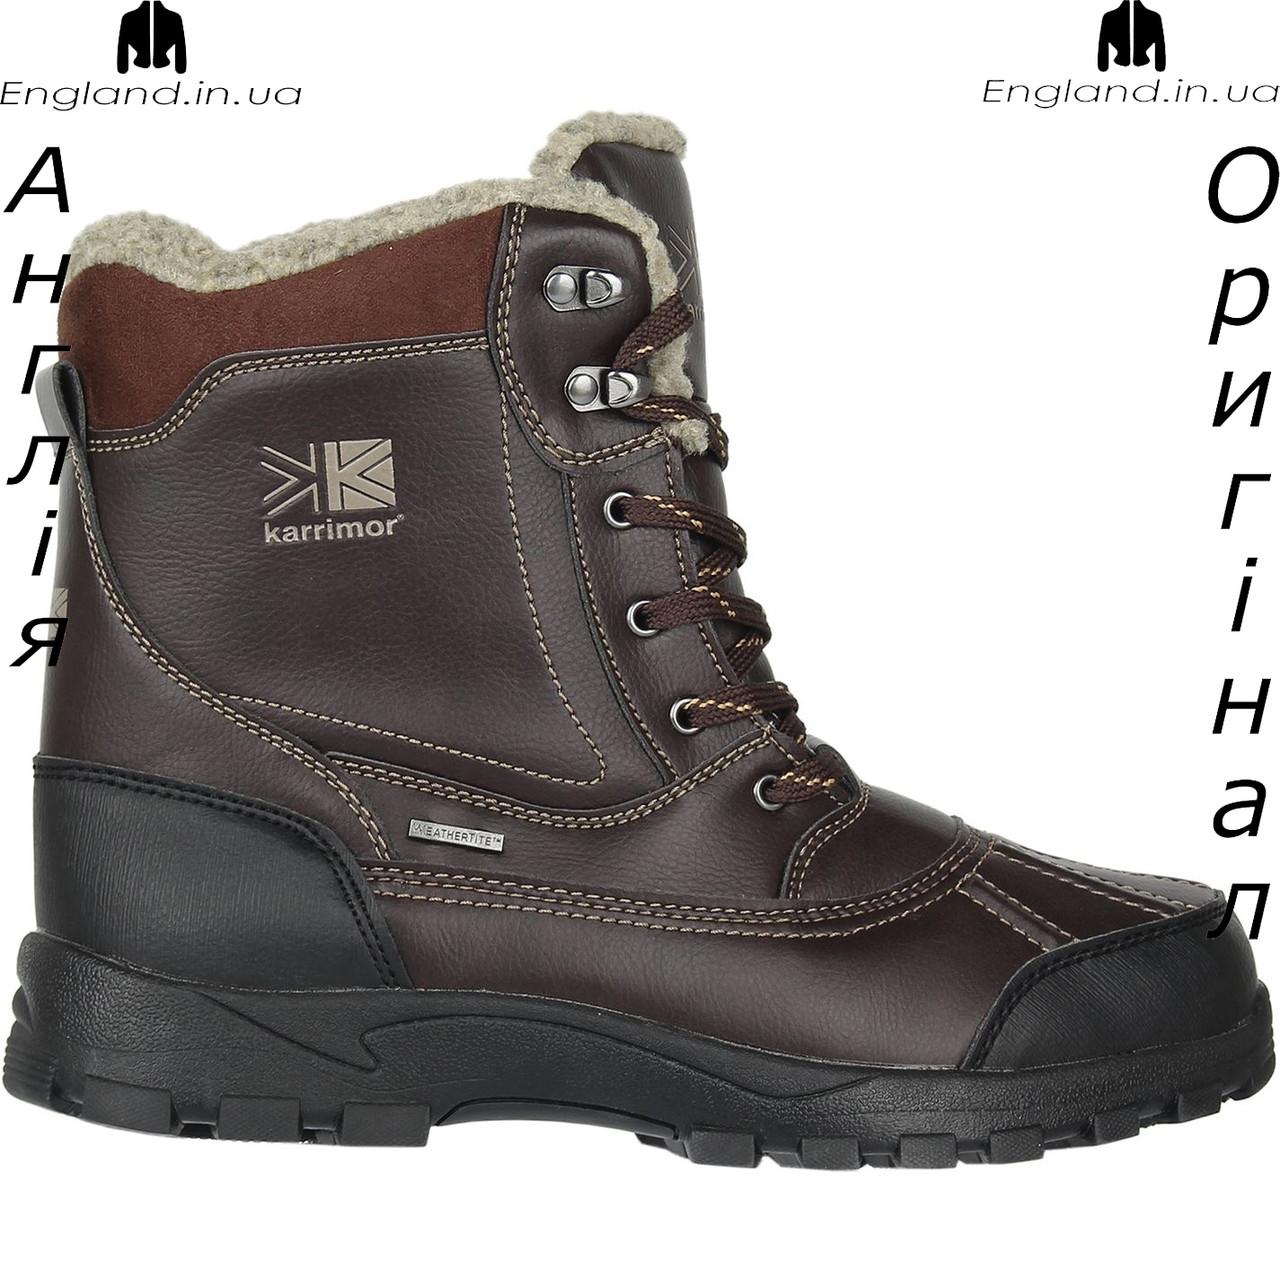 Ботинки мужские кожаные Karrimor из Англии - зимние